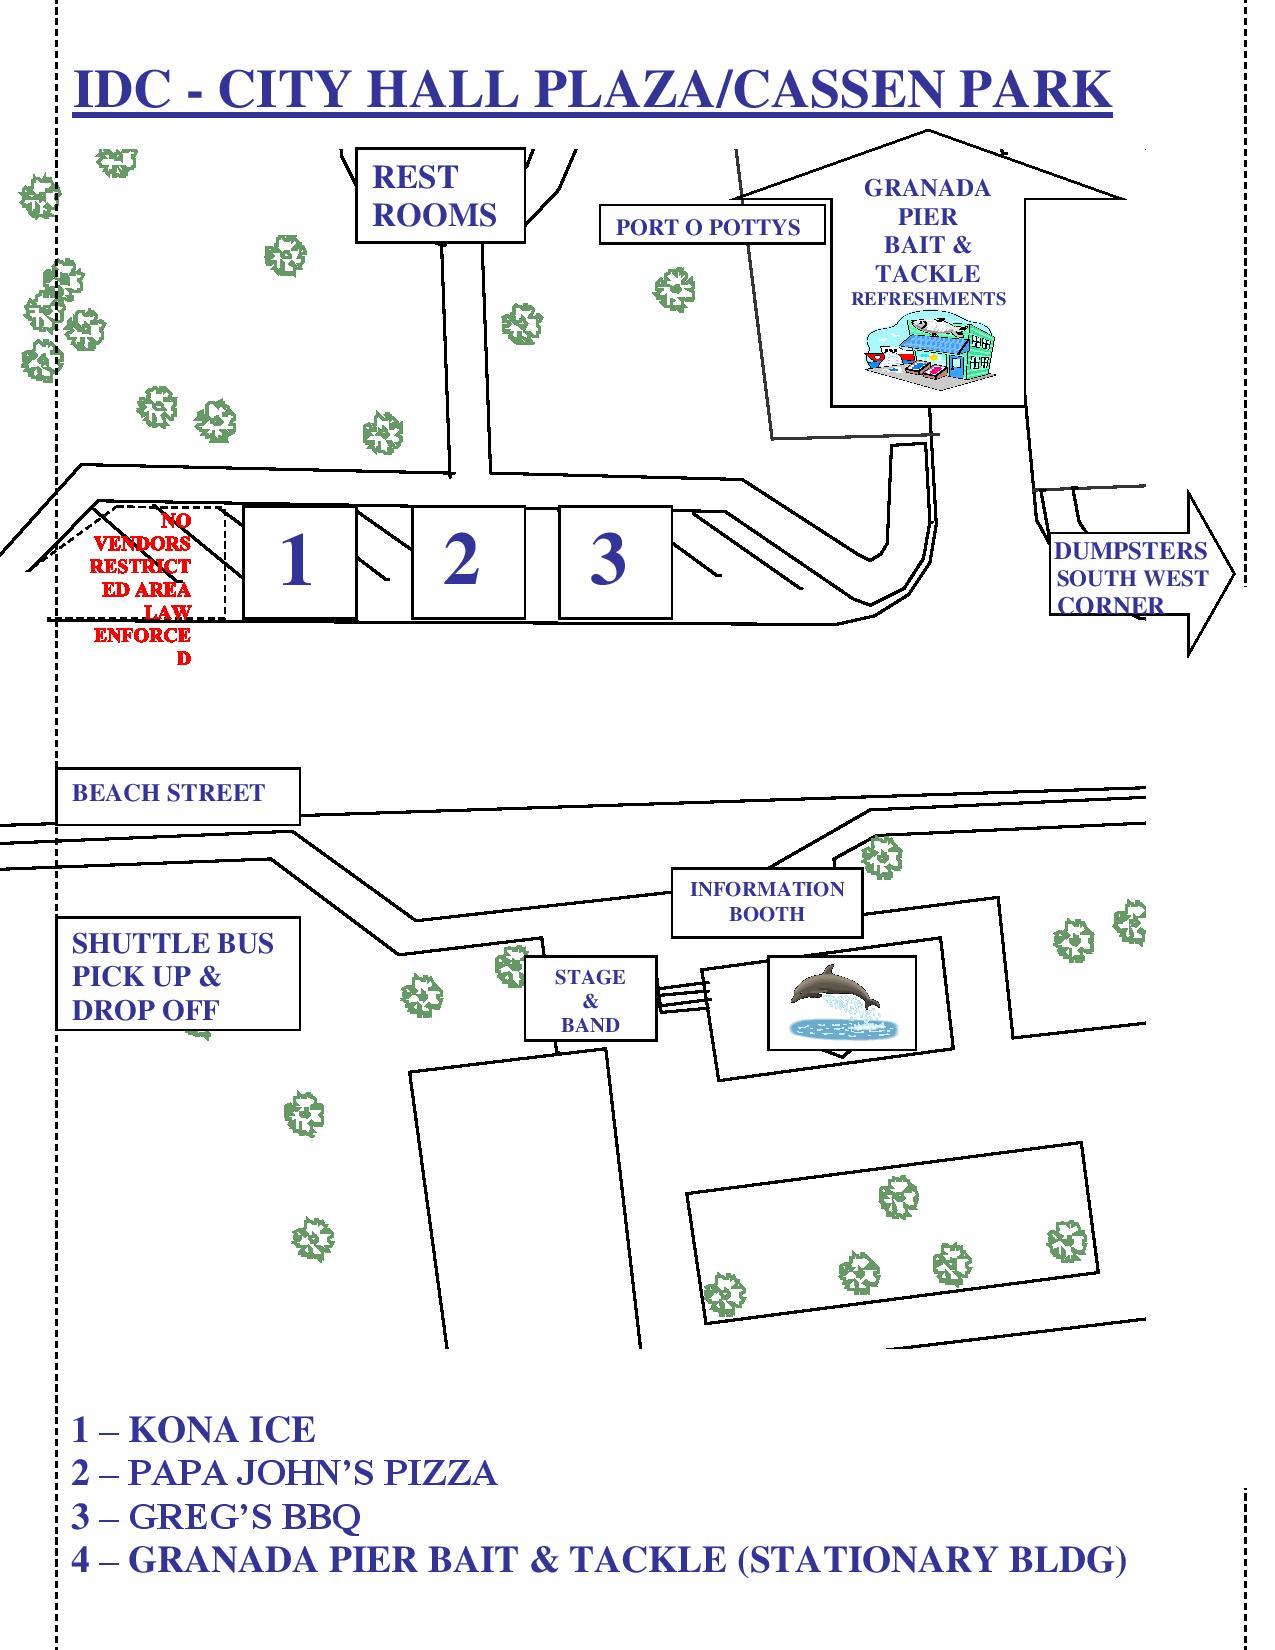 cassen park map